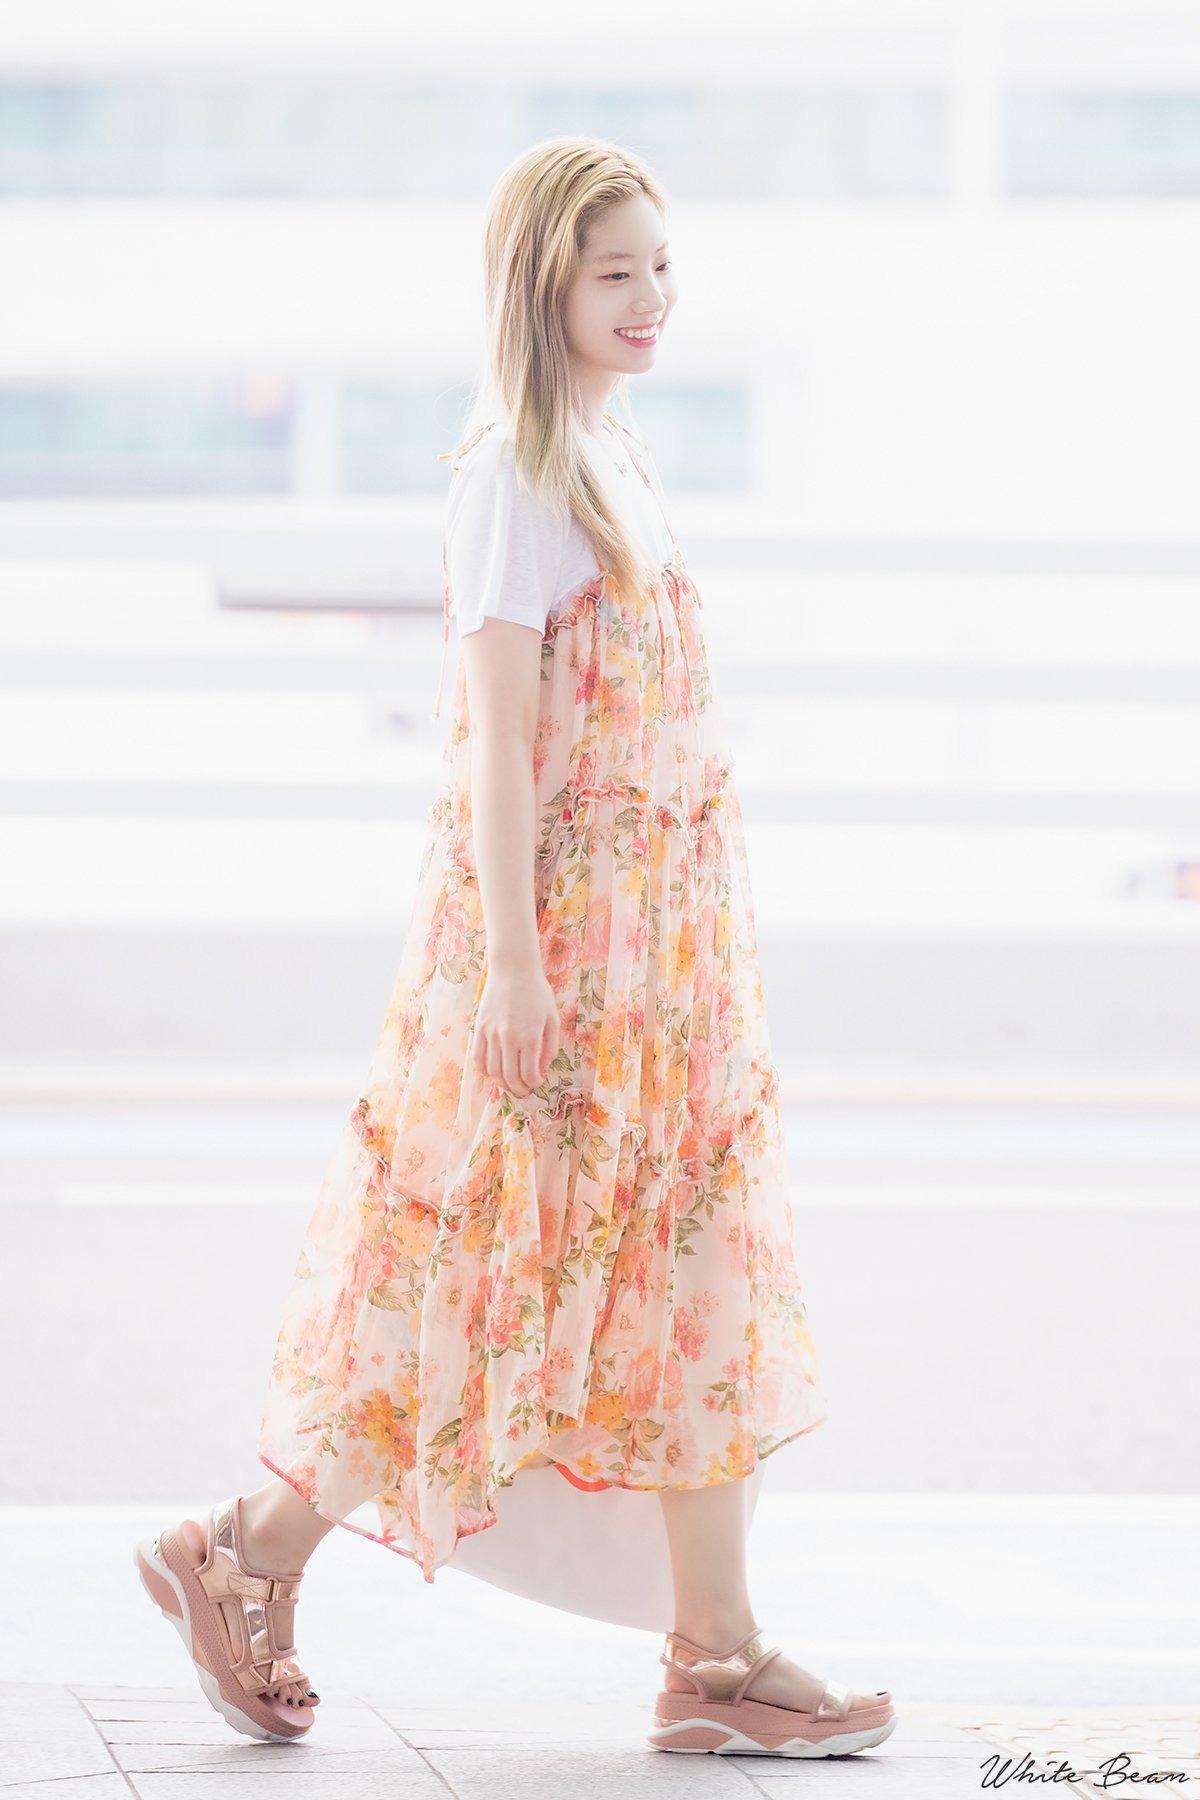 Mặc đẹp cho dáng người quả lê như Dahyun (TWICE) với đầm voan hoa màu pastel